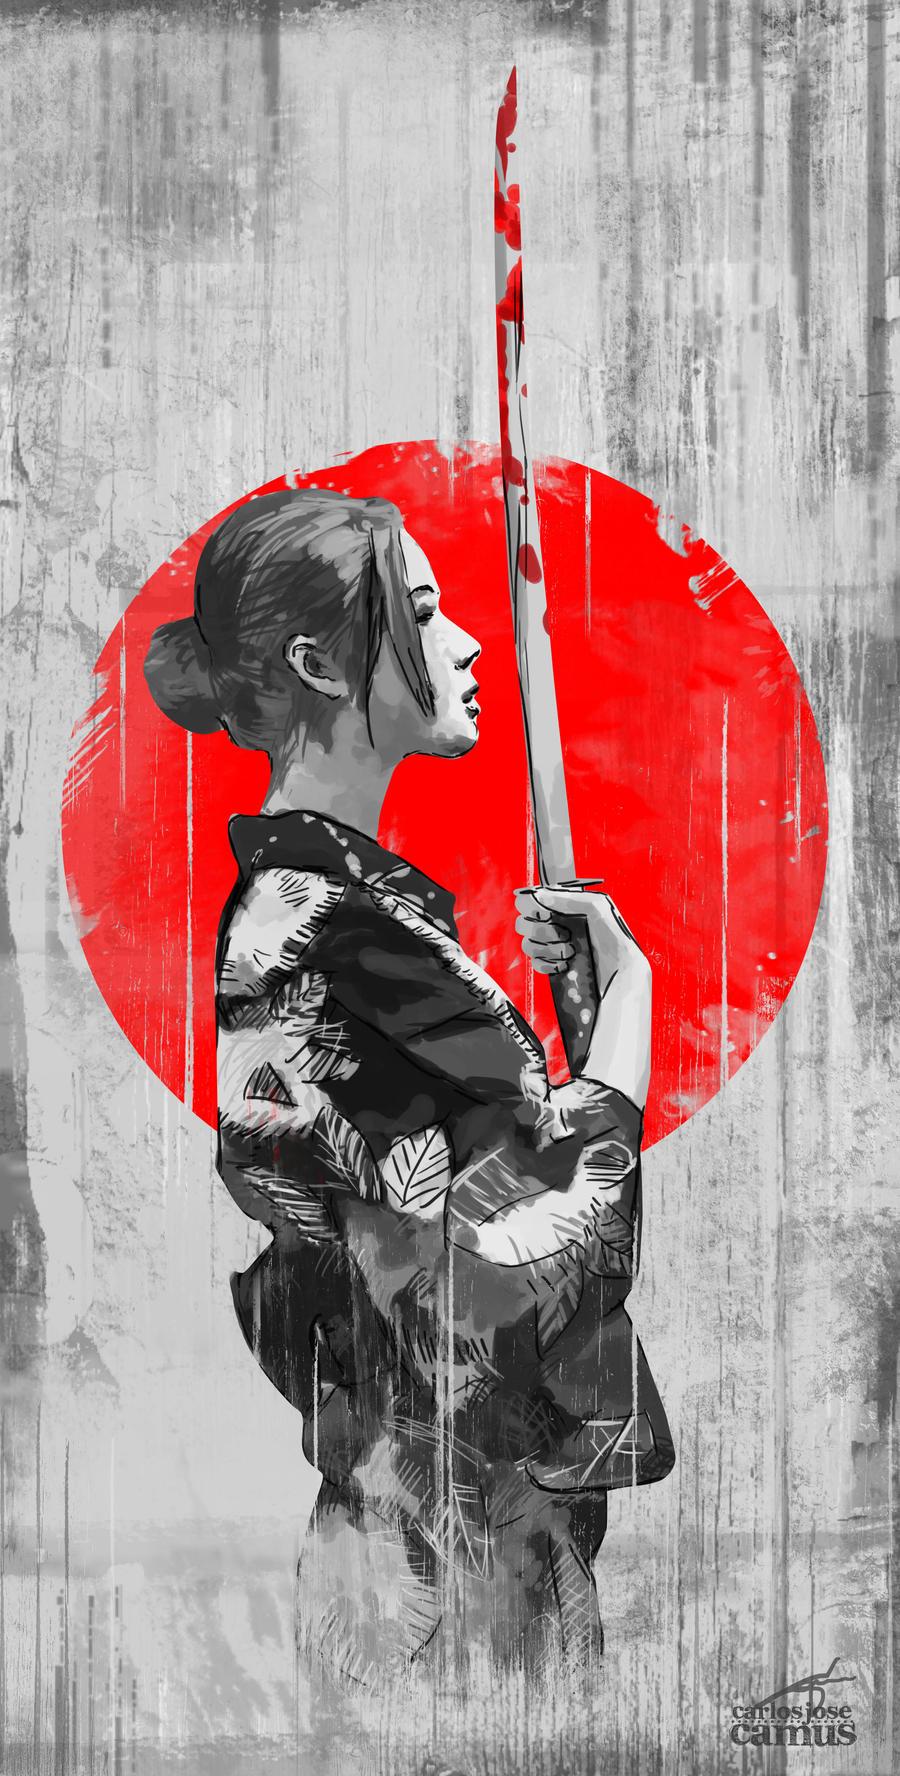 Samurai girl by hvfndr on deviantart for Female samurai tattoo